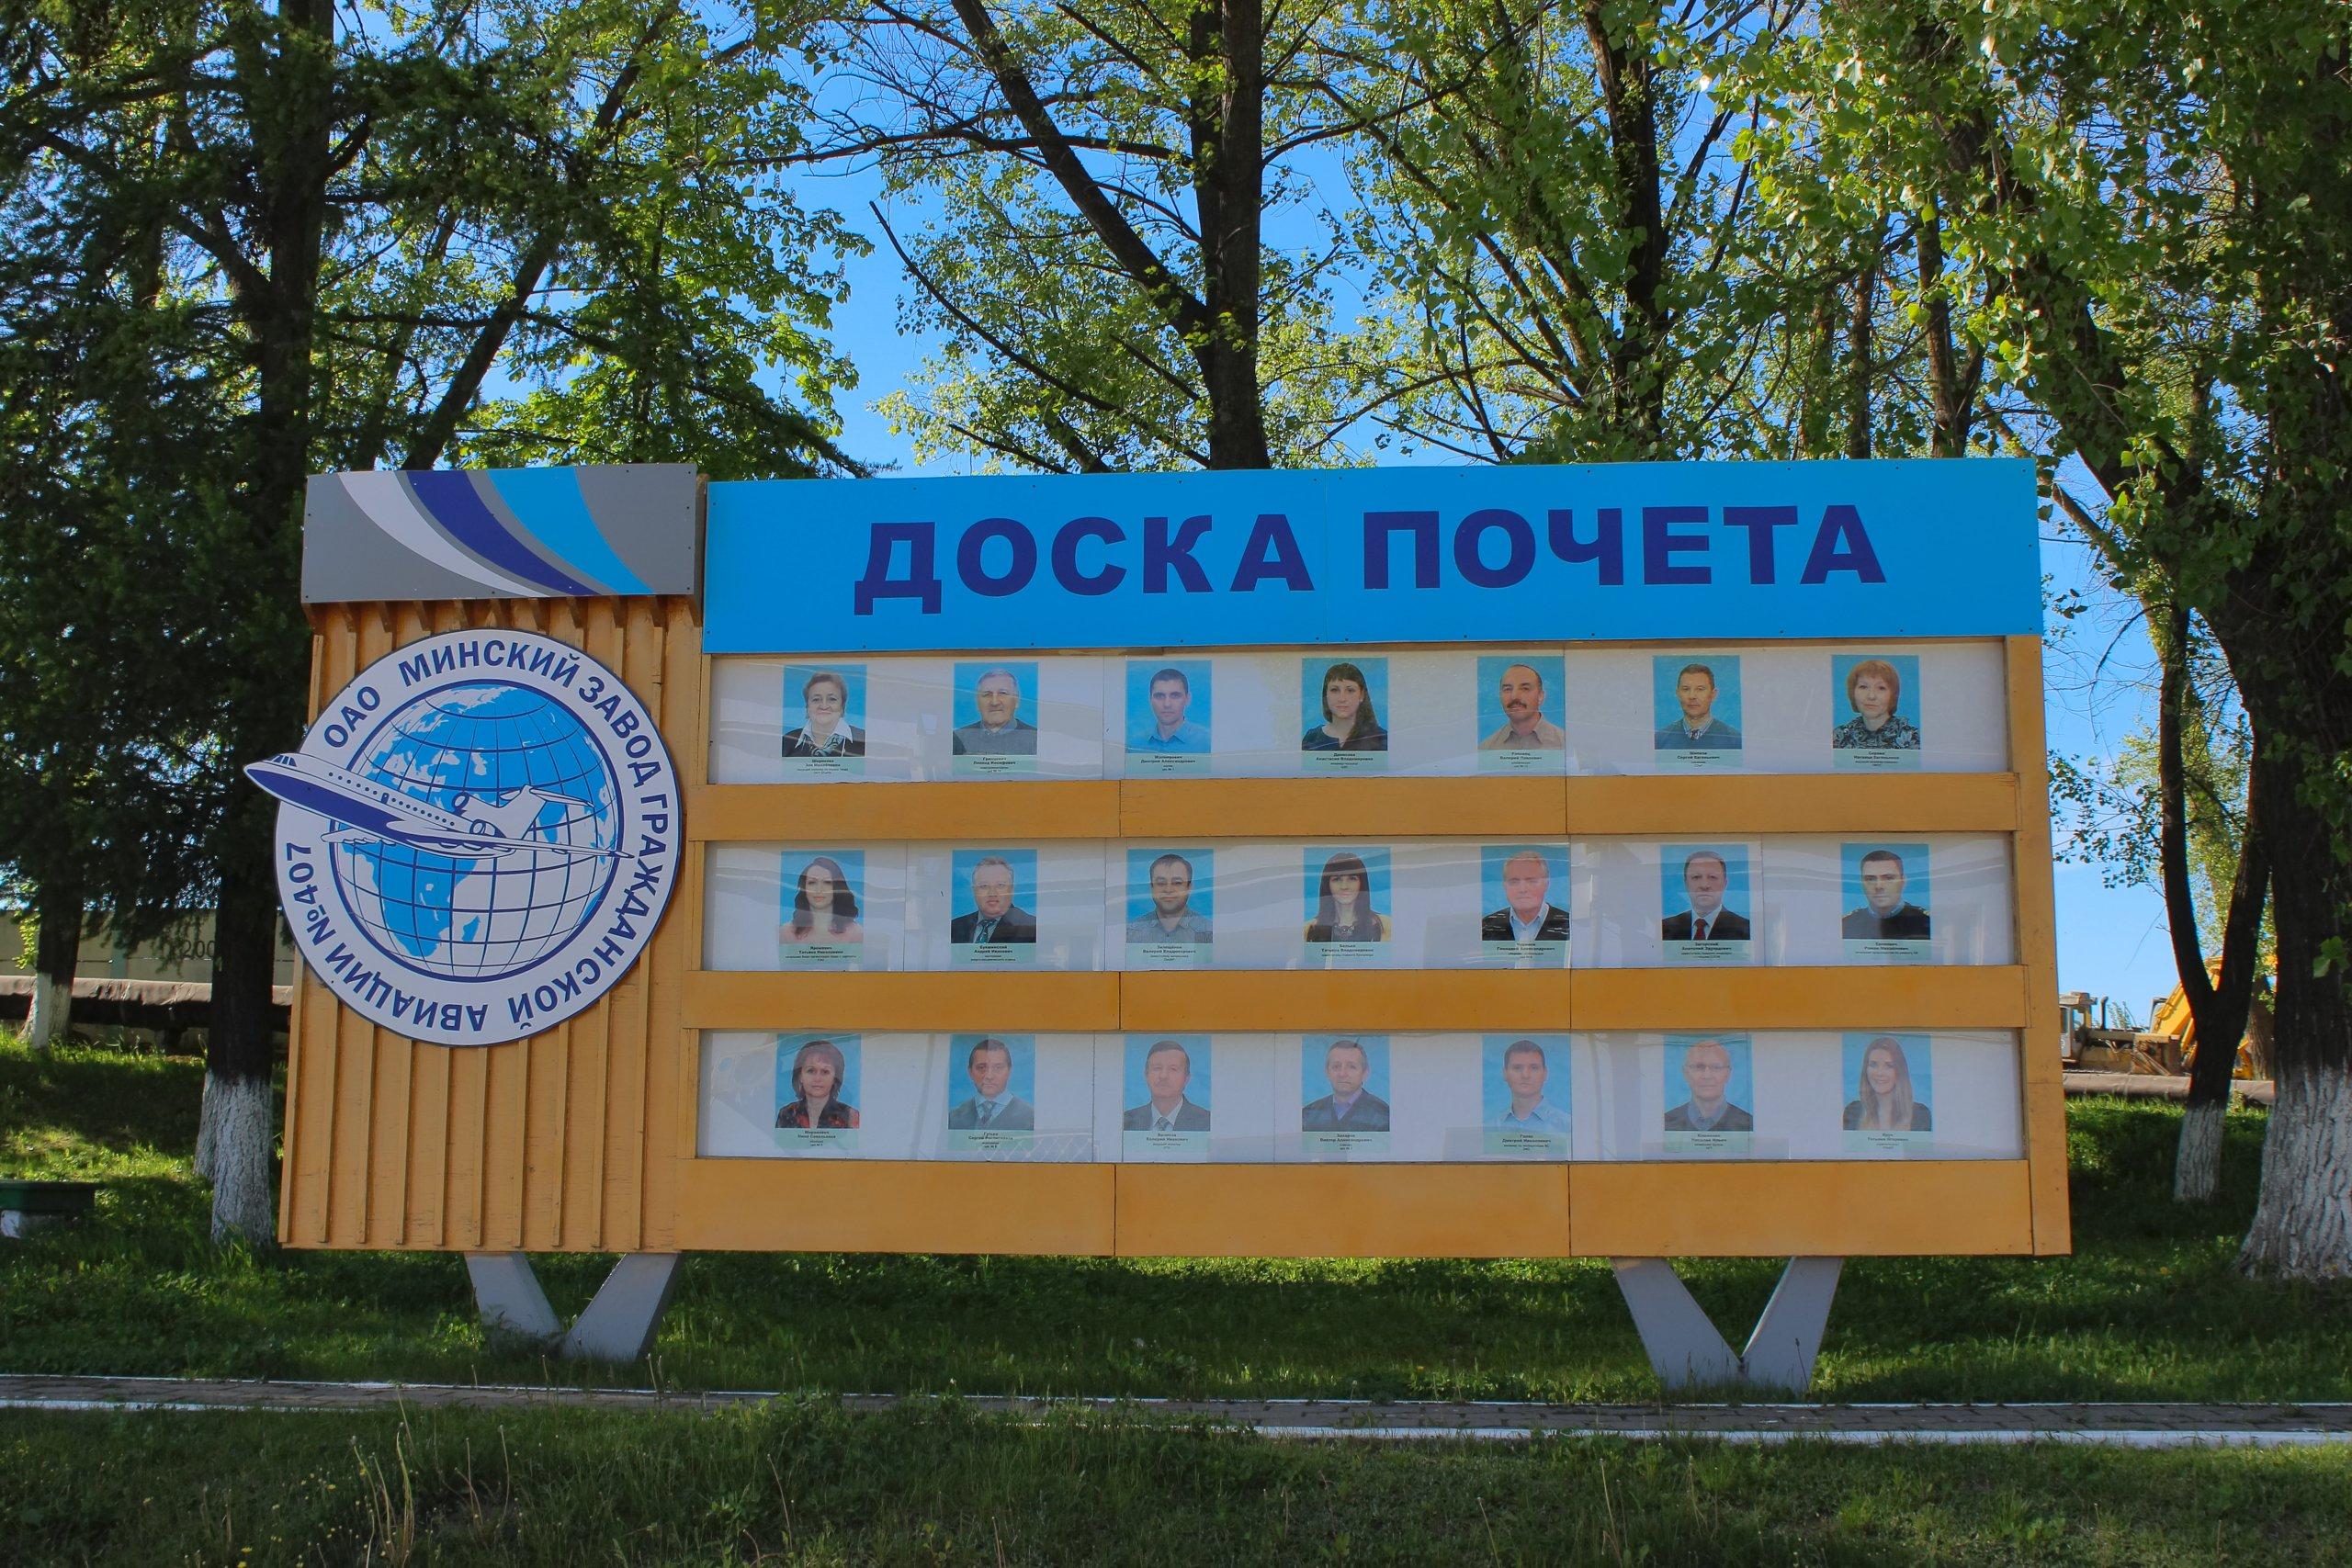 Доска почёта Минского завода гражданской авиации №407